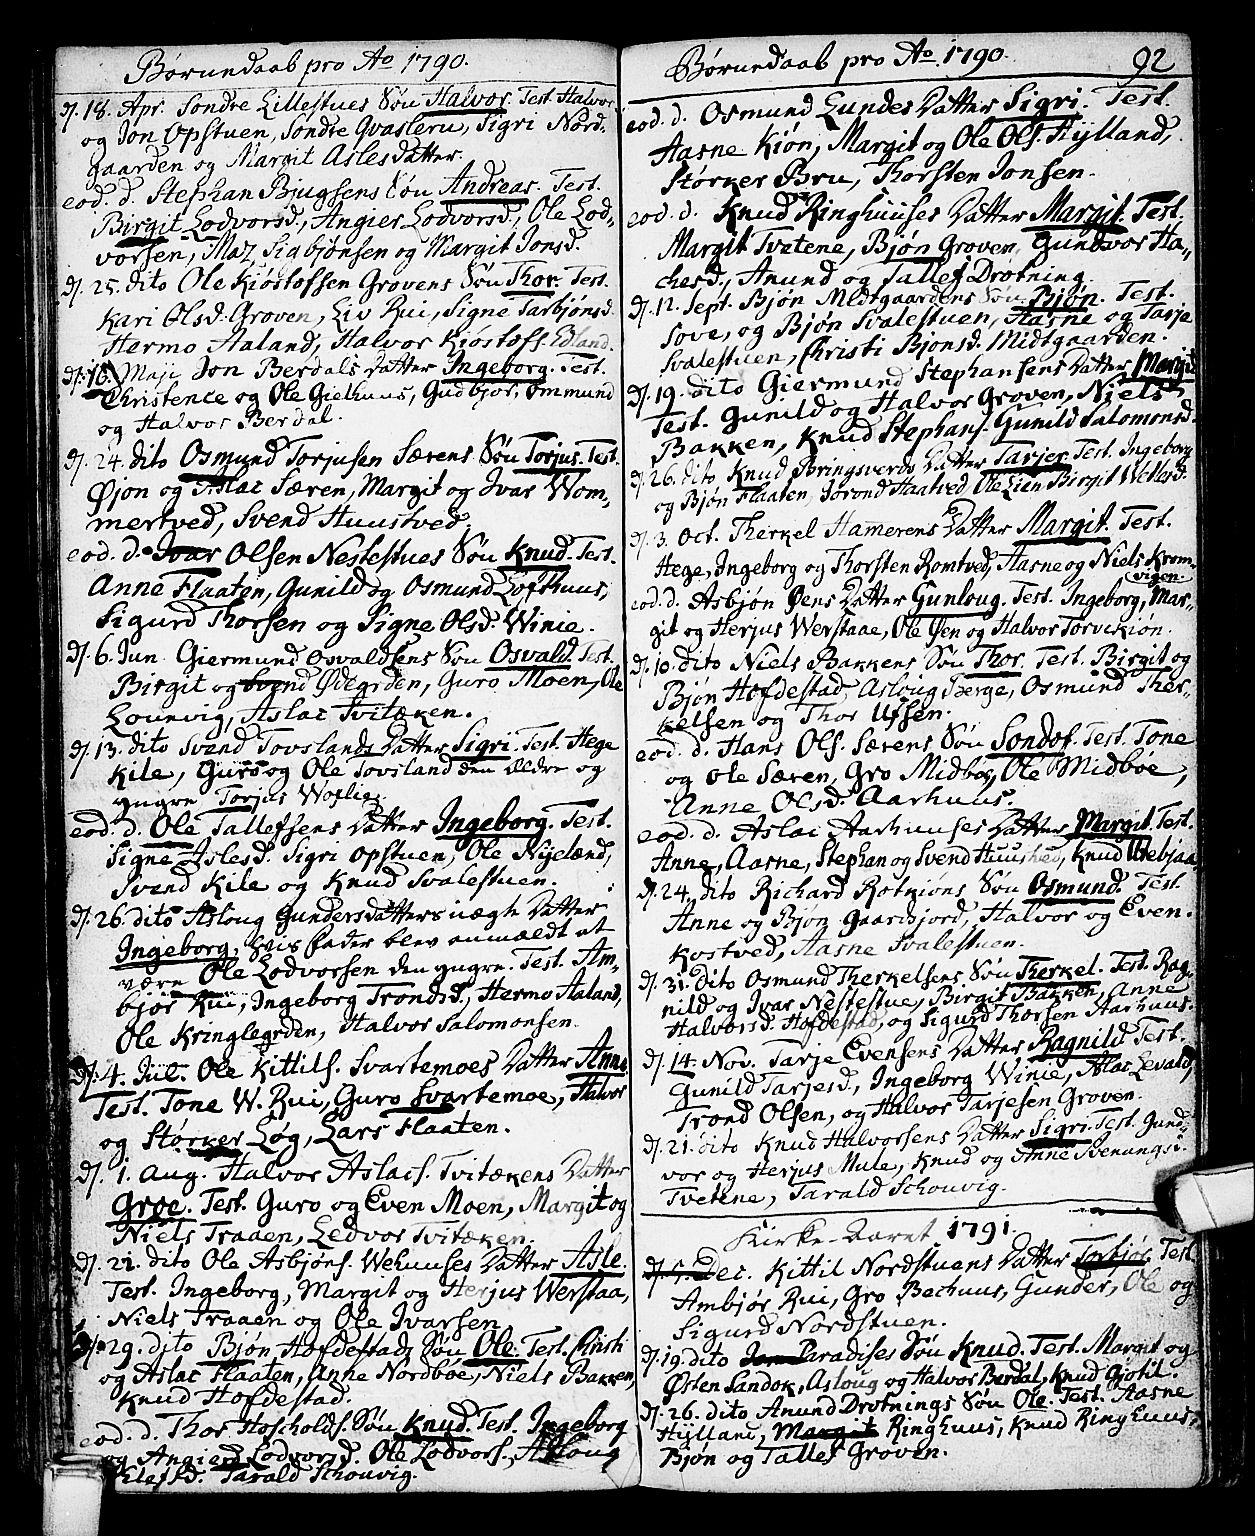 SAKO, Vinje kirkebøker, F/Fa/L0002: Ministerialbok nr. I 2, 1767-1814, s. 92